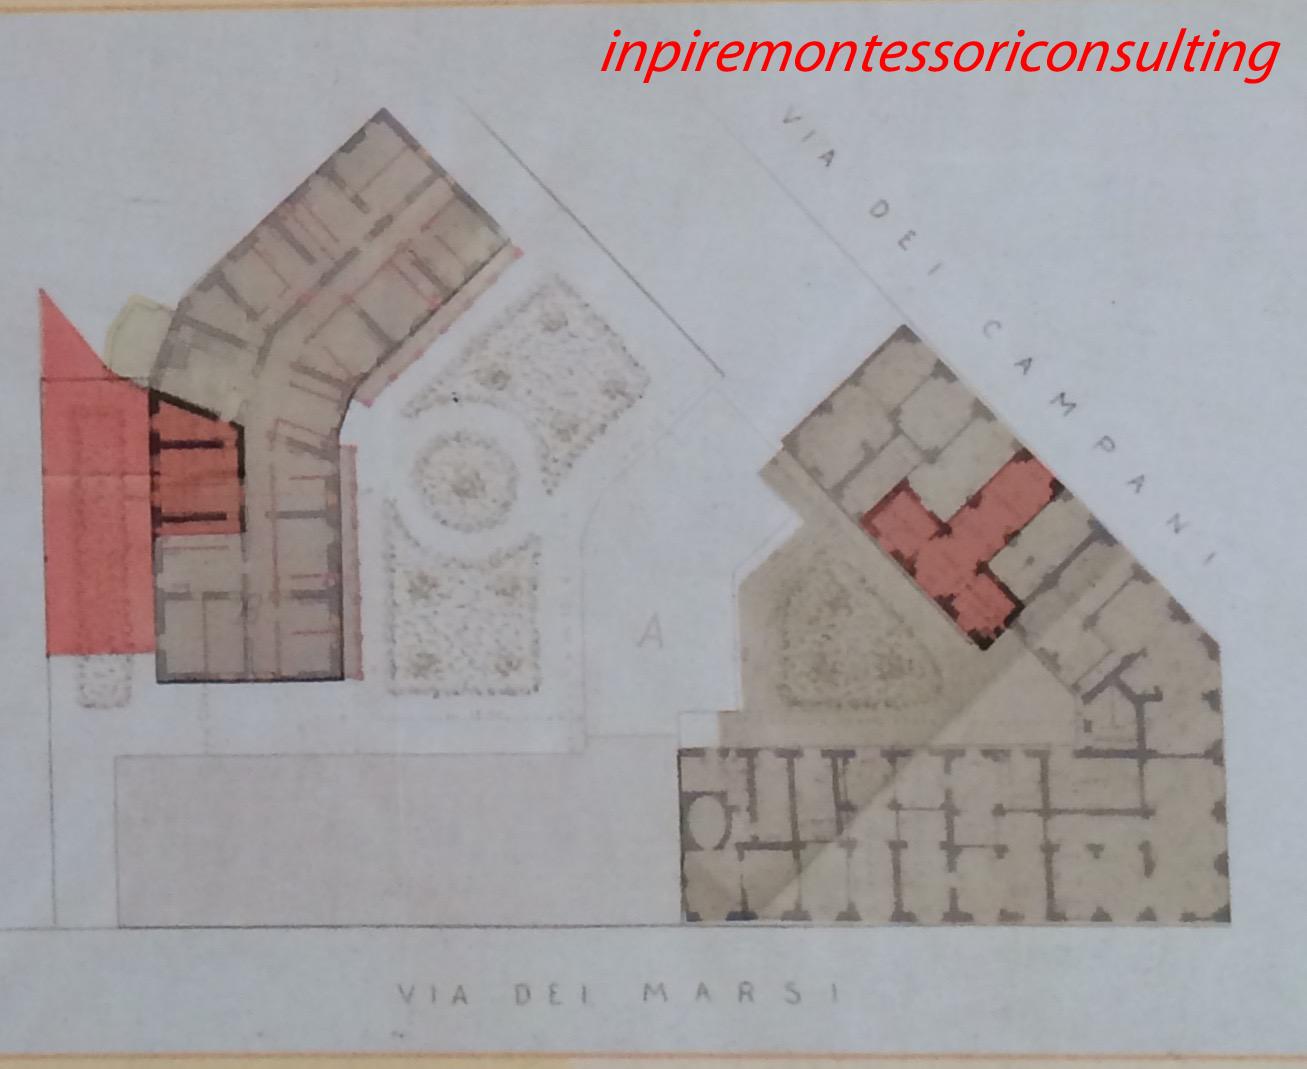 Building plans of Casa dei Bambini.